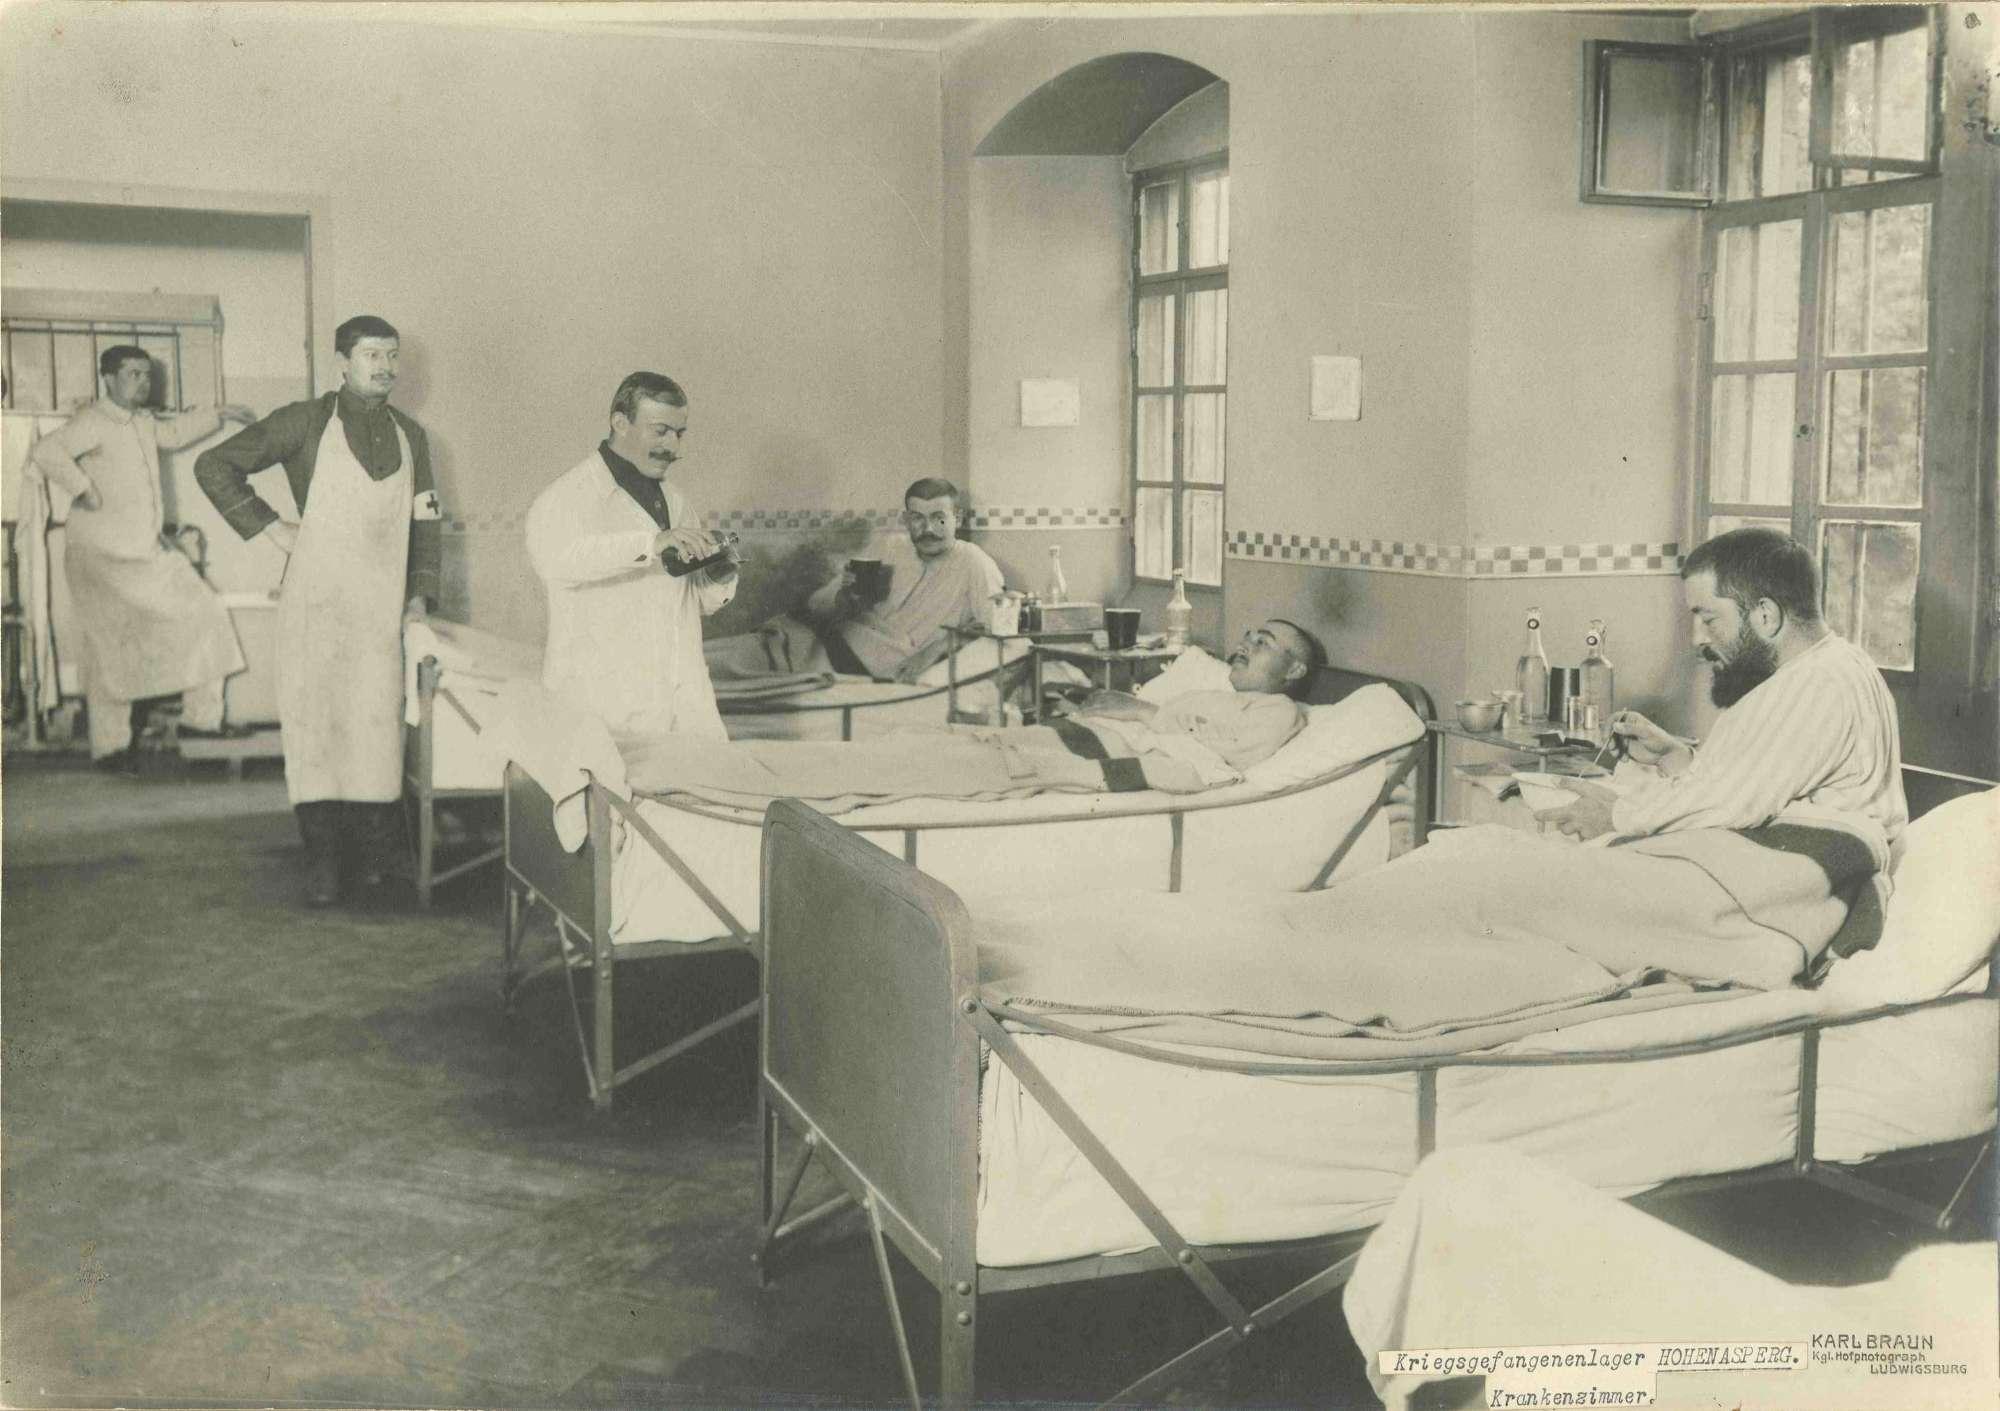 Drei bettlägerige Kranke und drei Pfleger, Kriegsgefangene, auf Krankenstation im Kriegsgefangenenlager Hohenasperg, Bild 1